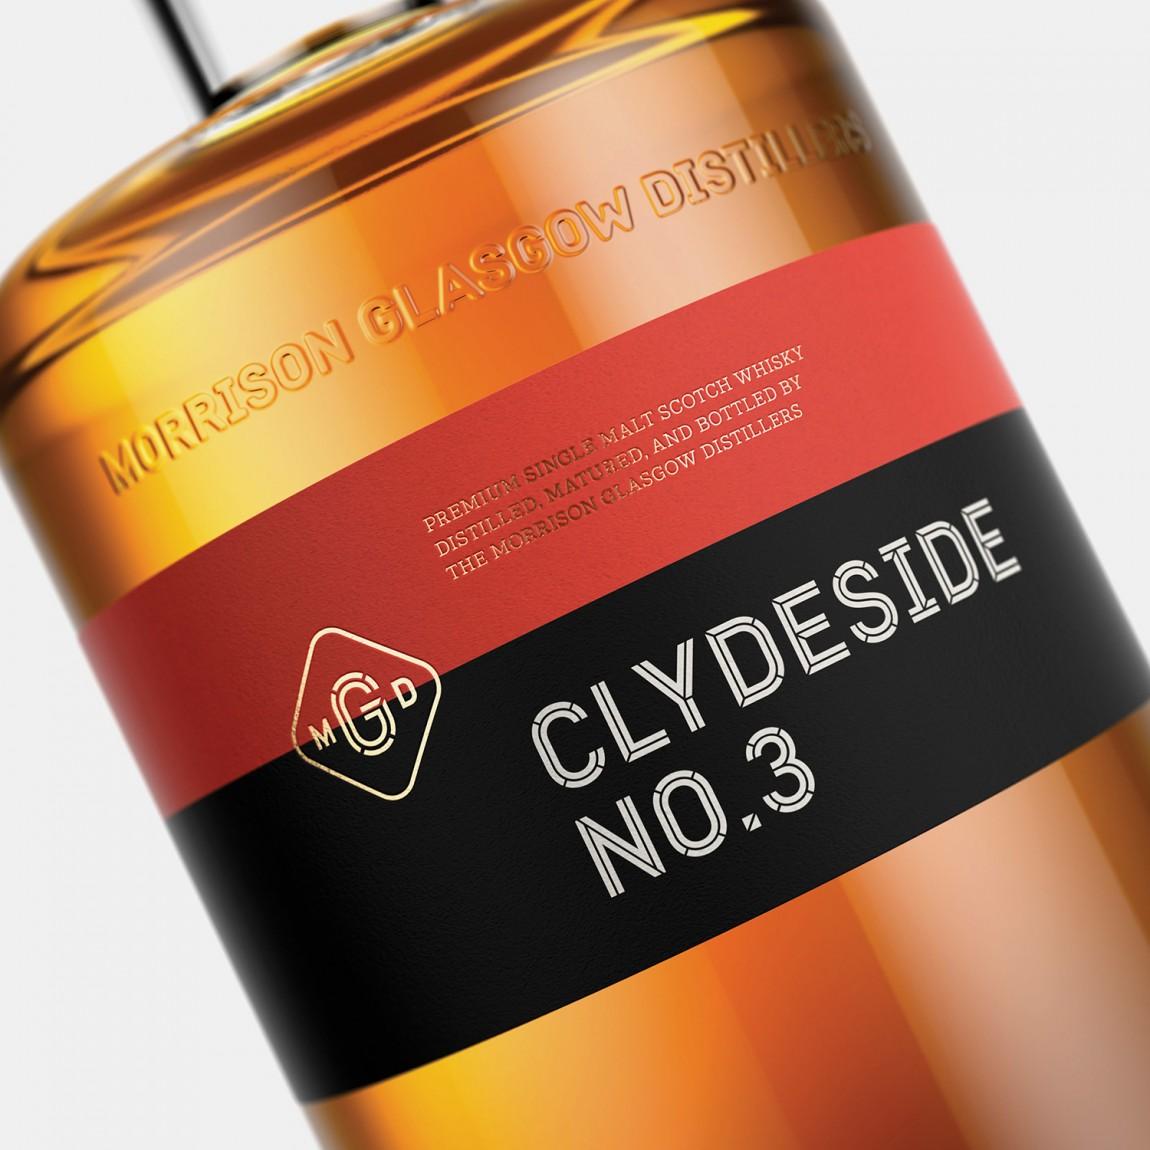 振格拉斯哥酒产品形象设计,包装设计